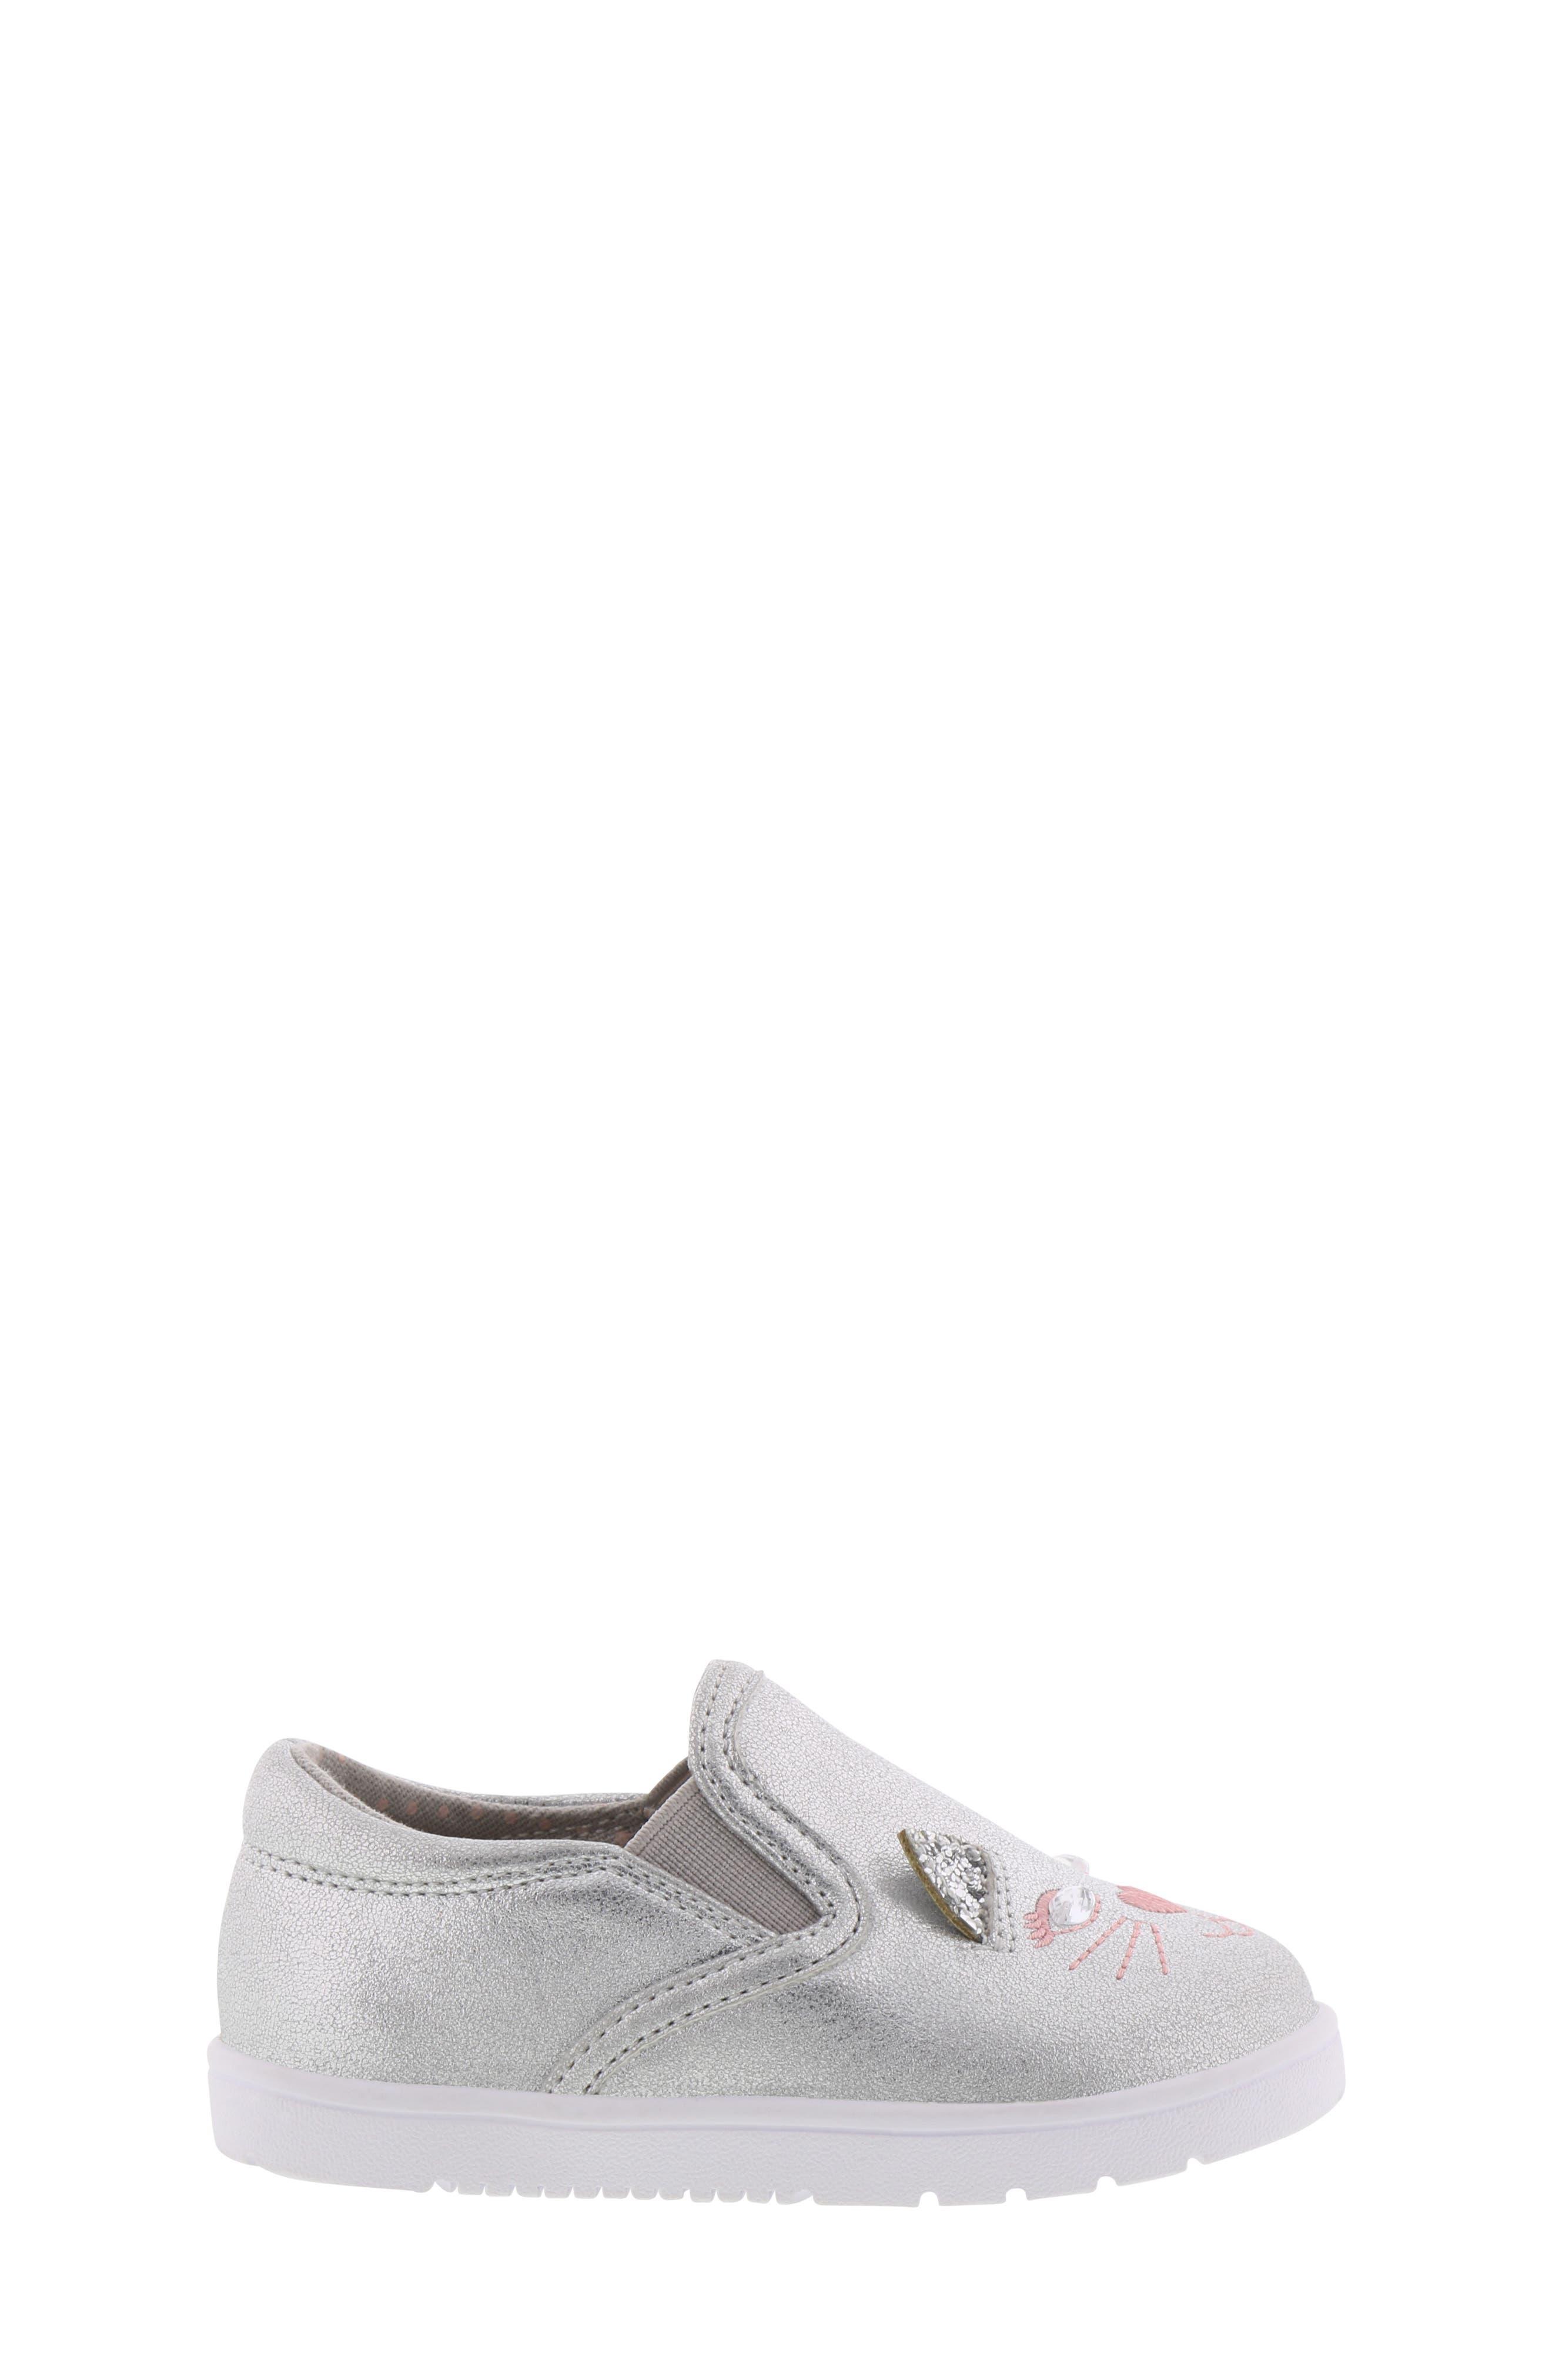 BØRN, Bailey Jaslyna Slip-On Glitter Sneaker, Alternate thumbnail 3, color, SILVER